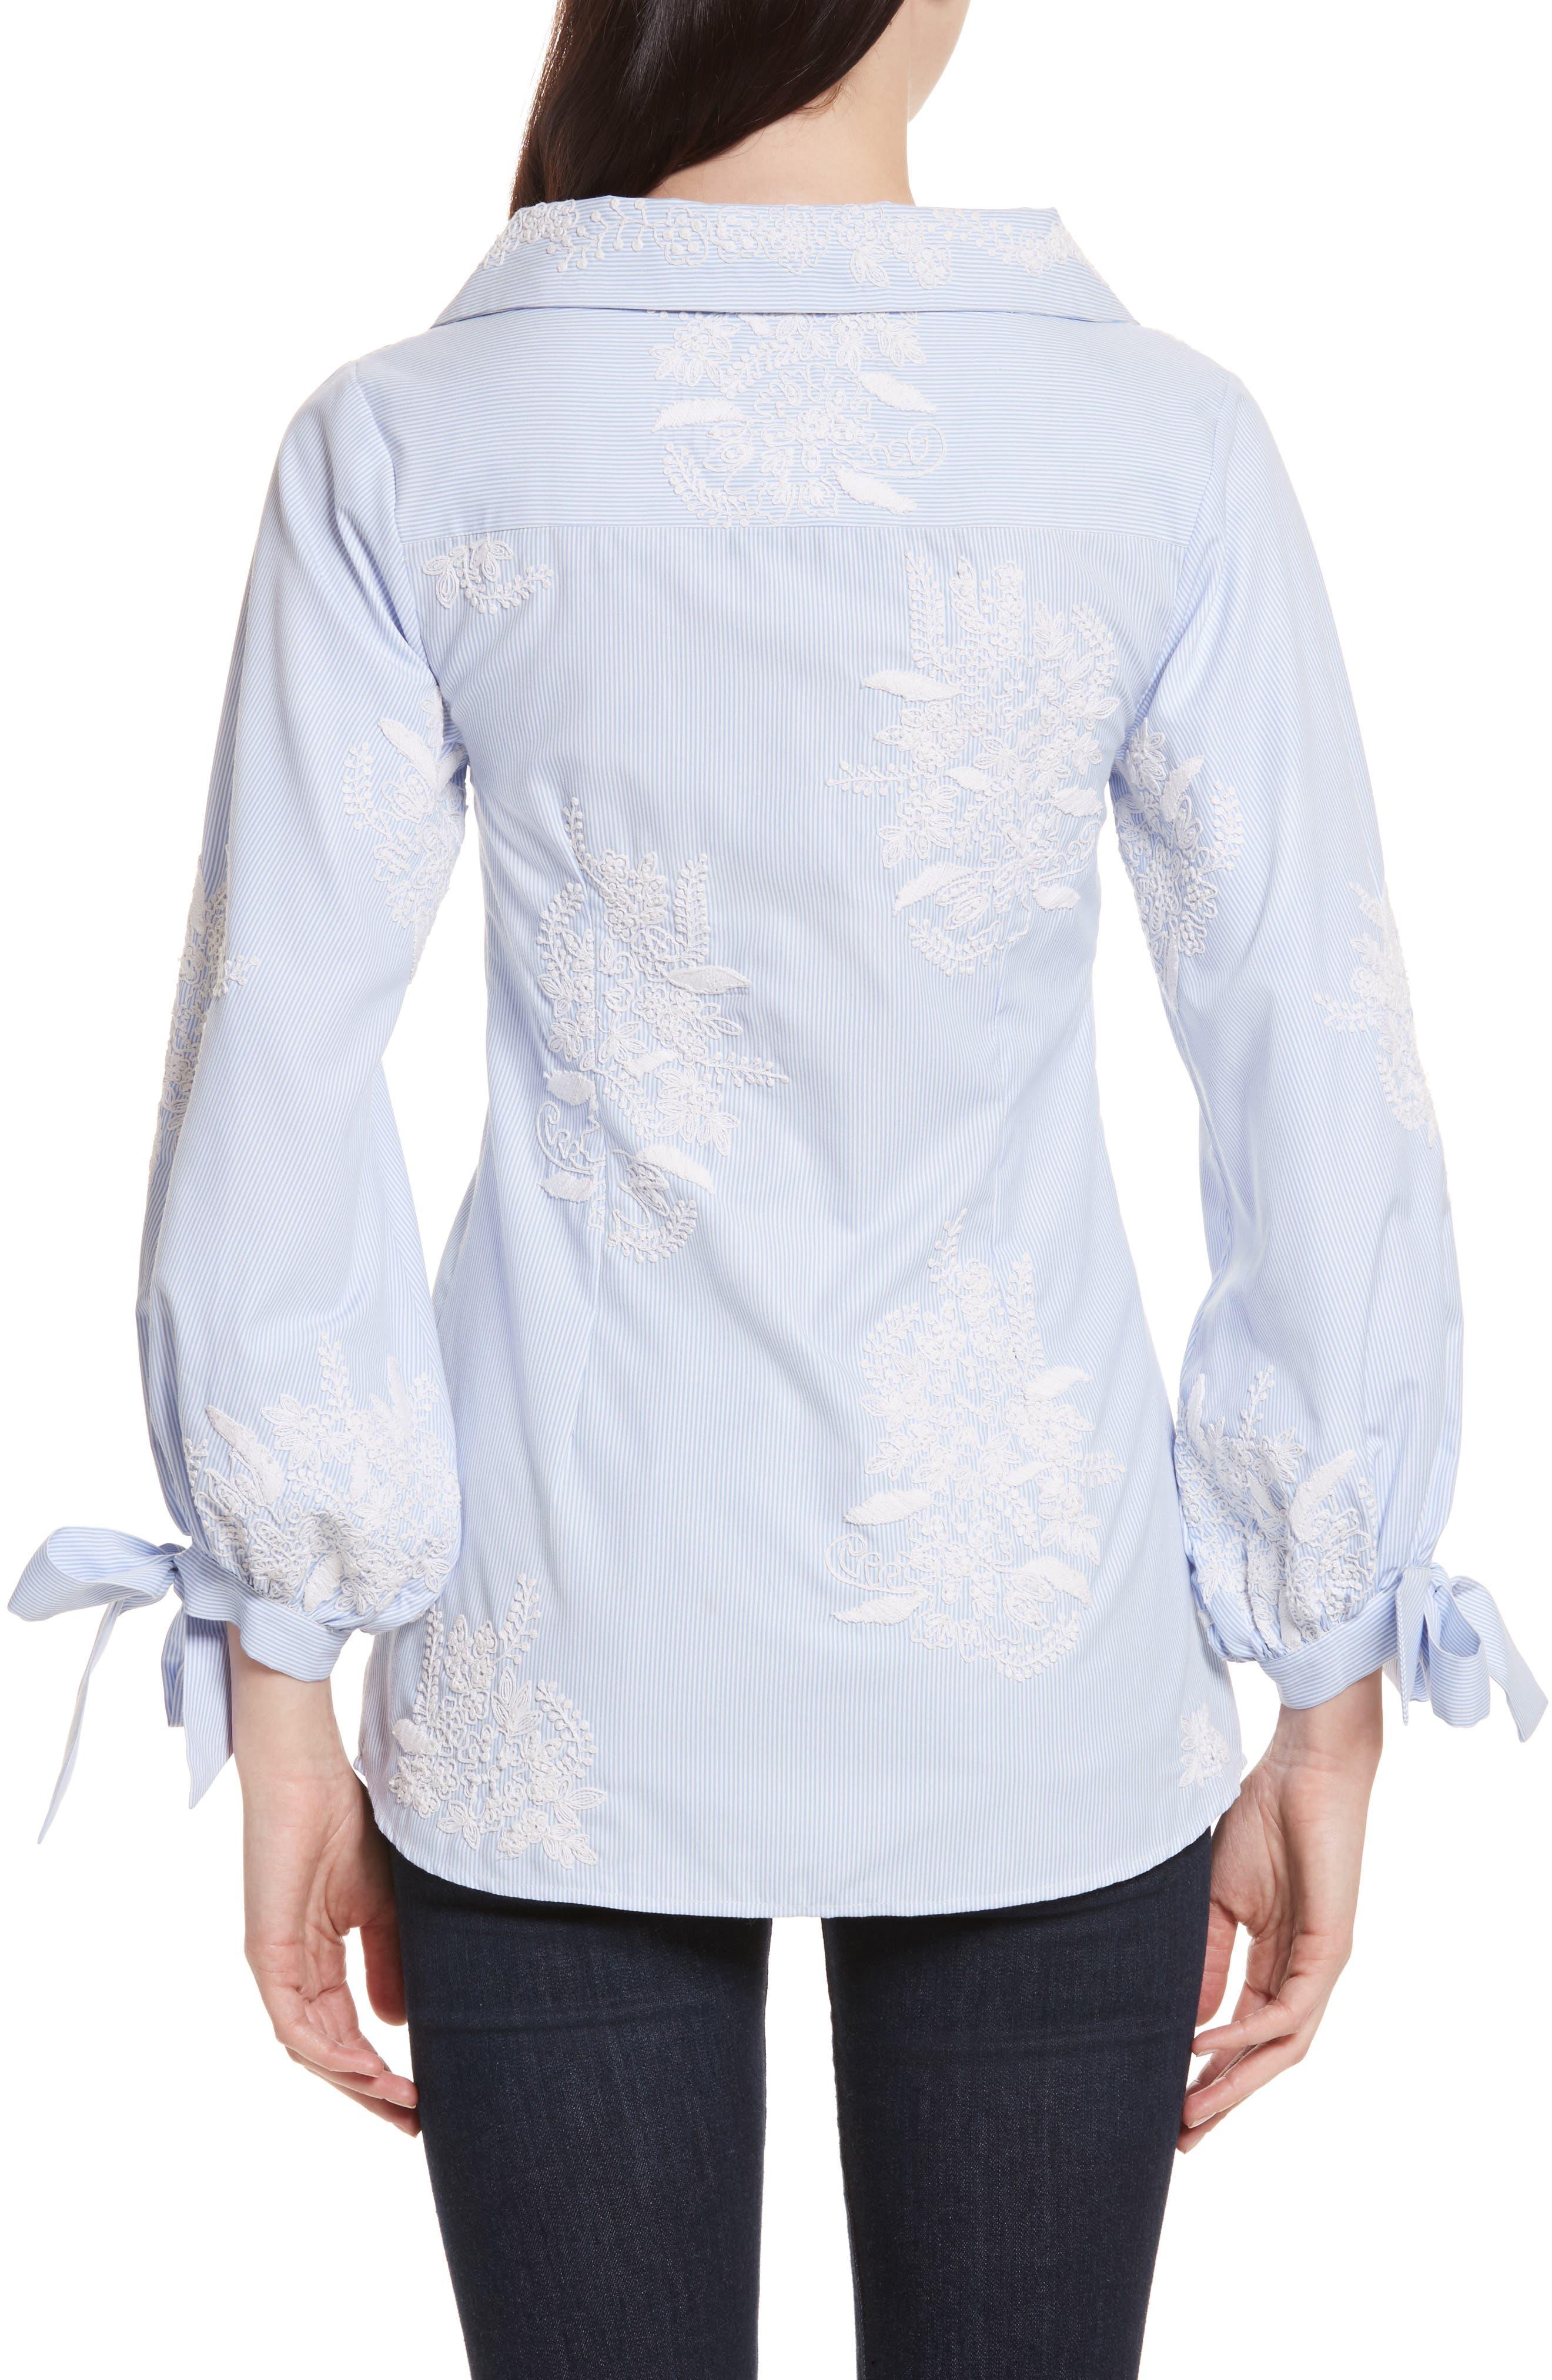 Alternate Image 2  - Alice + Olivia Toro Embroidered Tie Sleeve Blouse